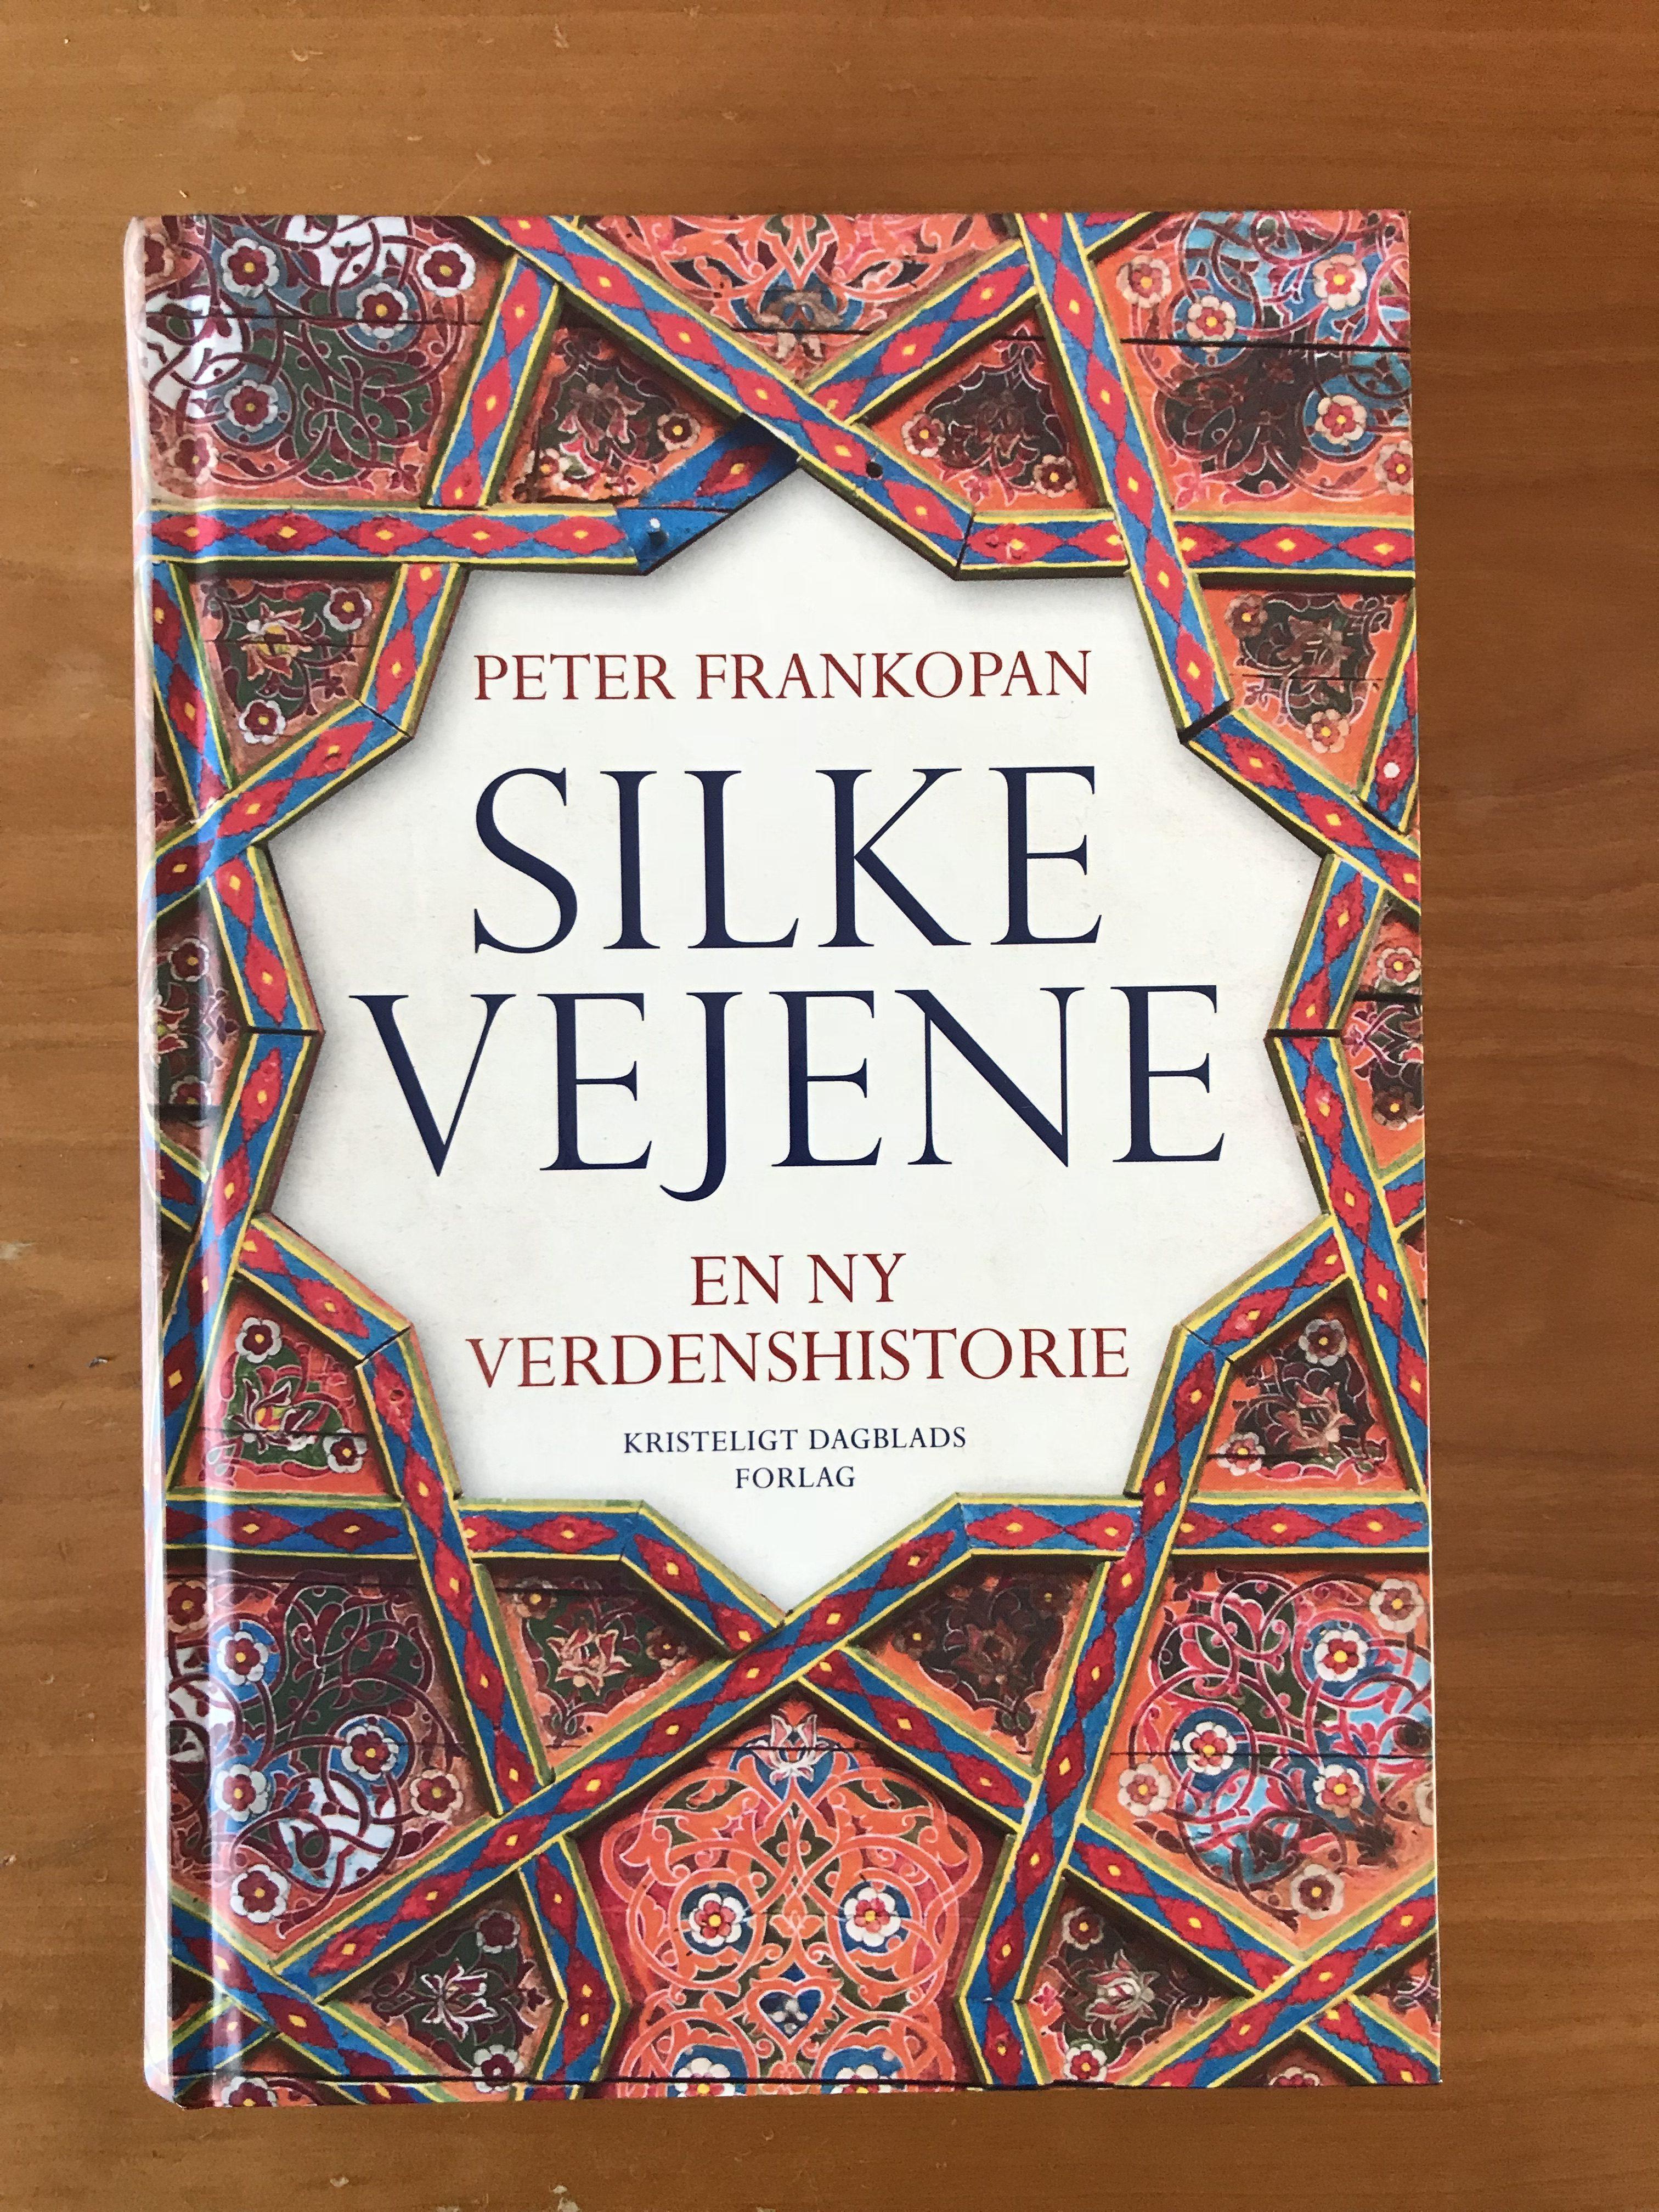 Peter Frankopan: Silkevejene. En ny verdenshistorie